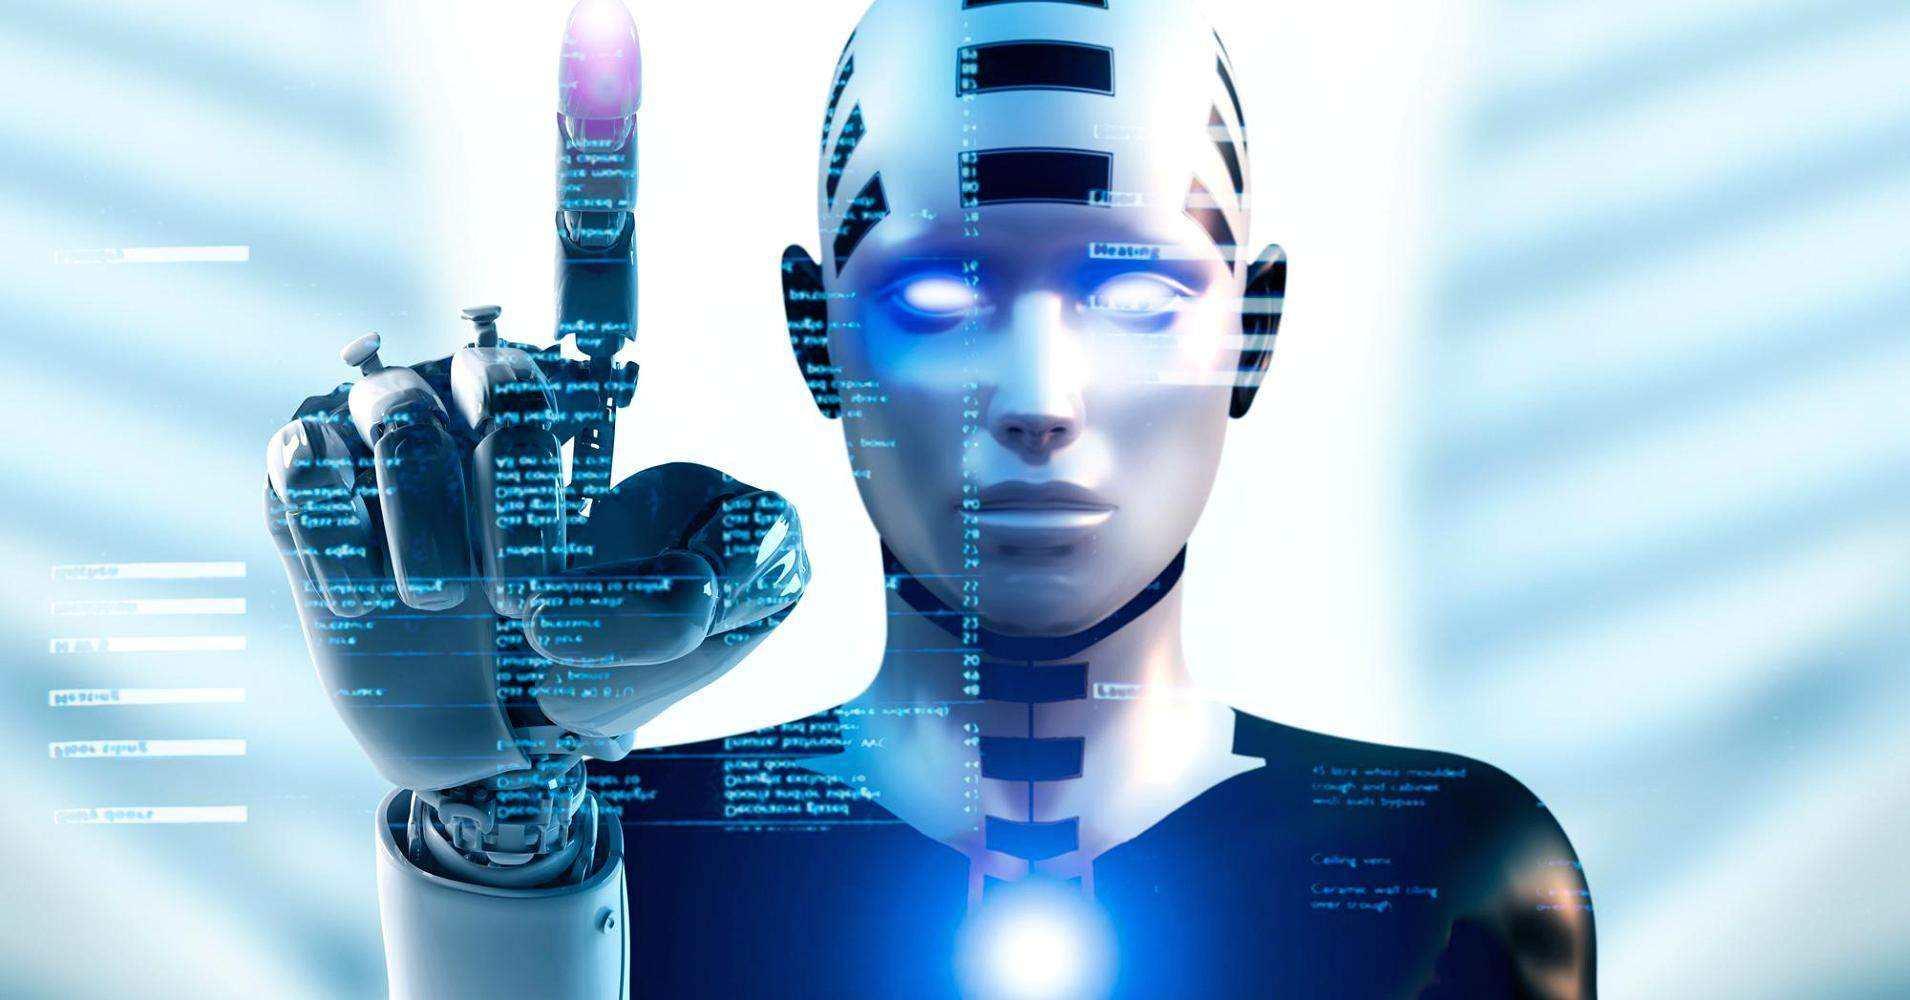 【企服快讯】声智科技完成2亿元B轮融资